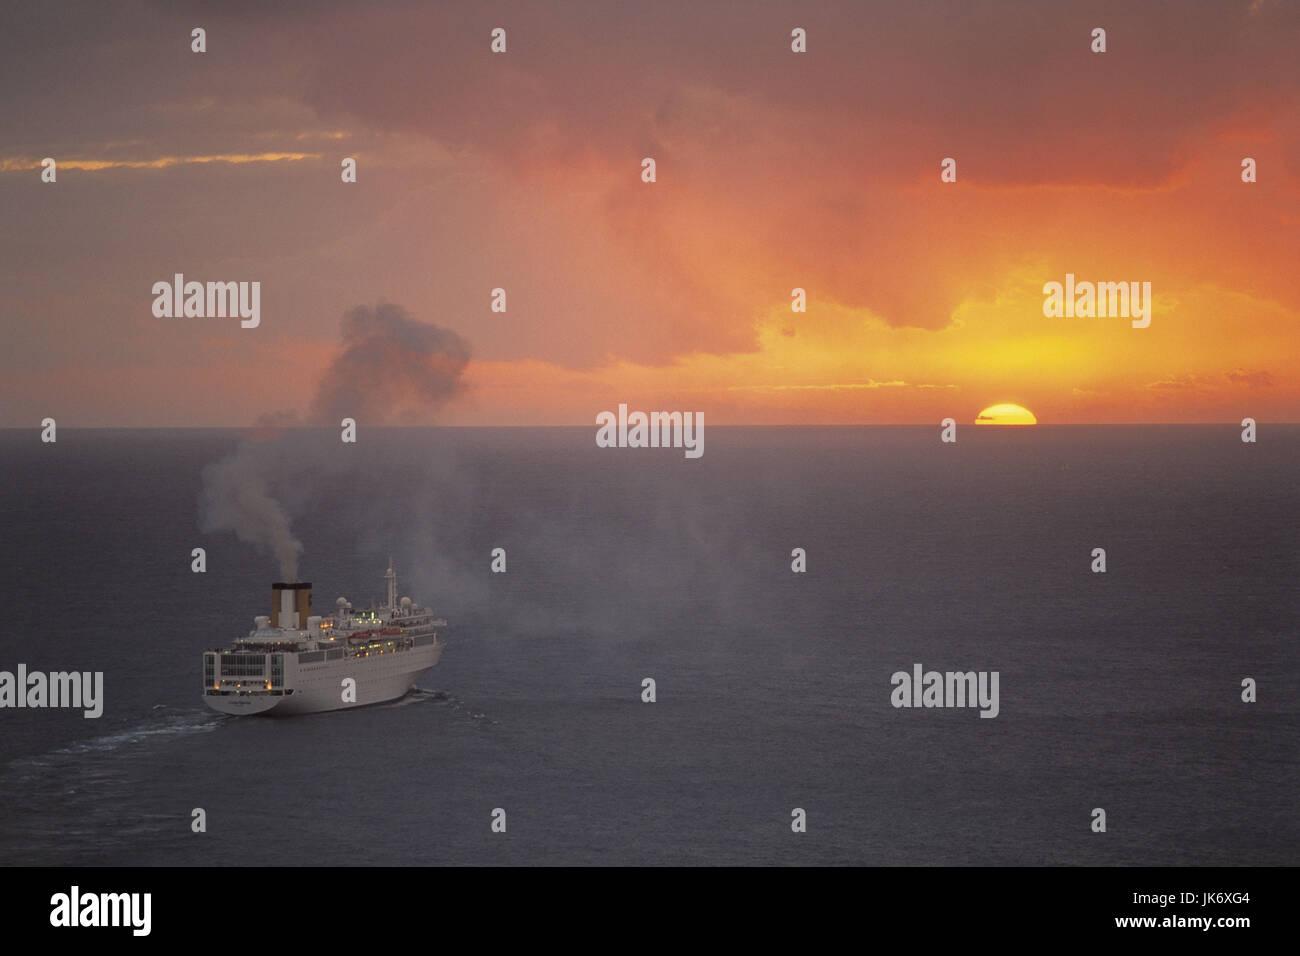 Karibik, Niederländische Antillen, Sint Maarten, Philipsburg, Karibisches Meer, Kreuzfahrtschiff, Raummotive Stockbild